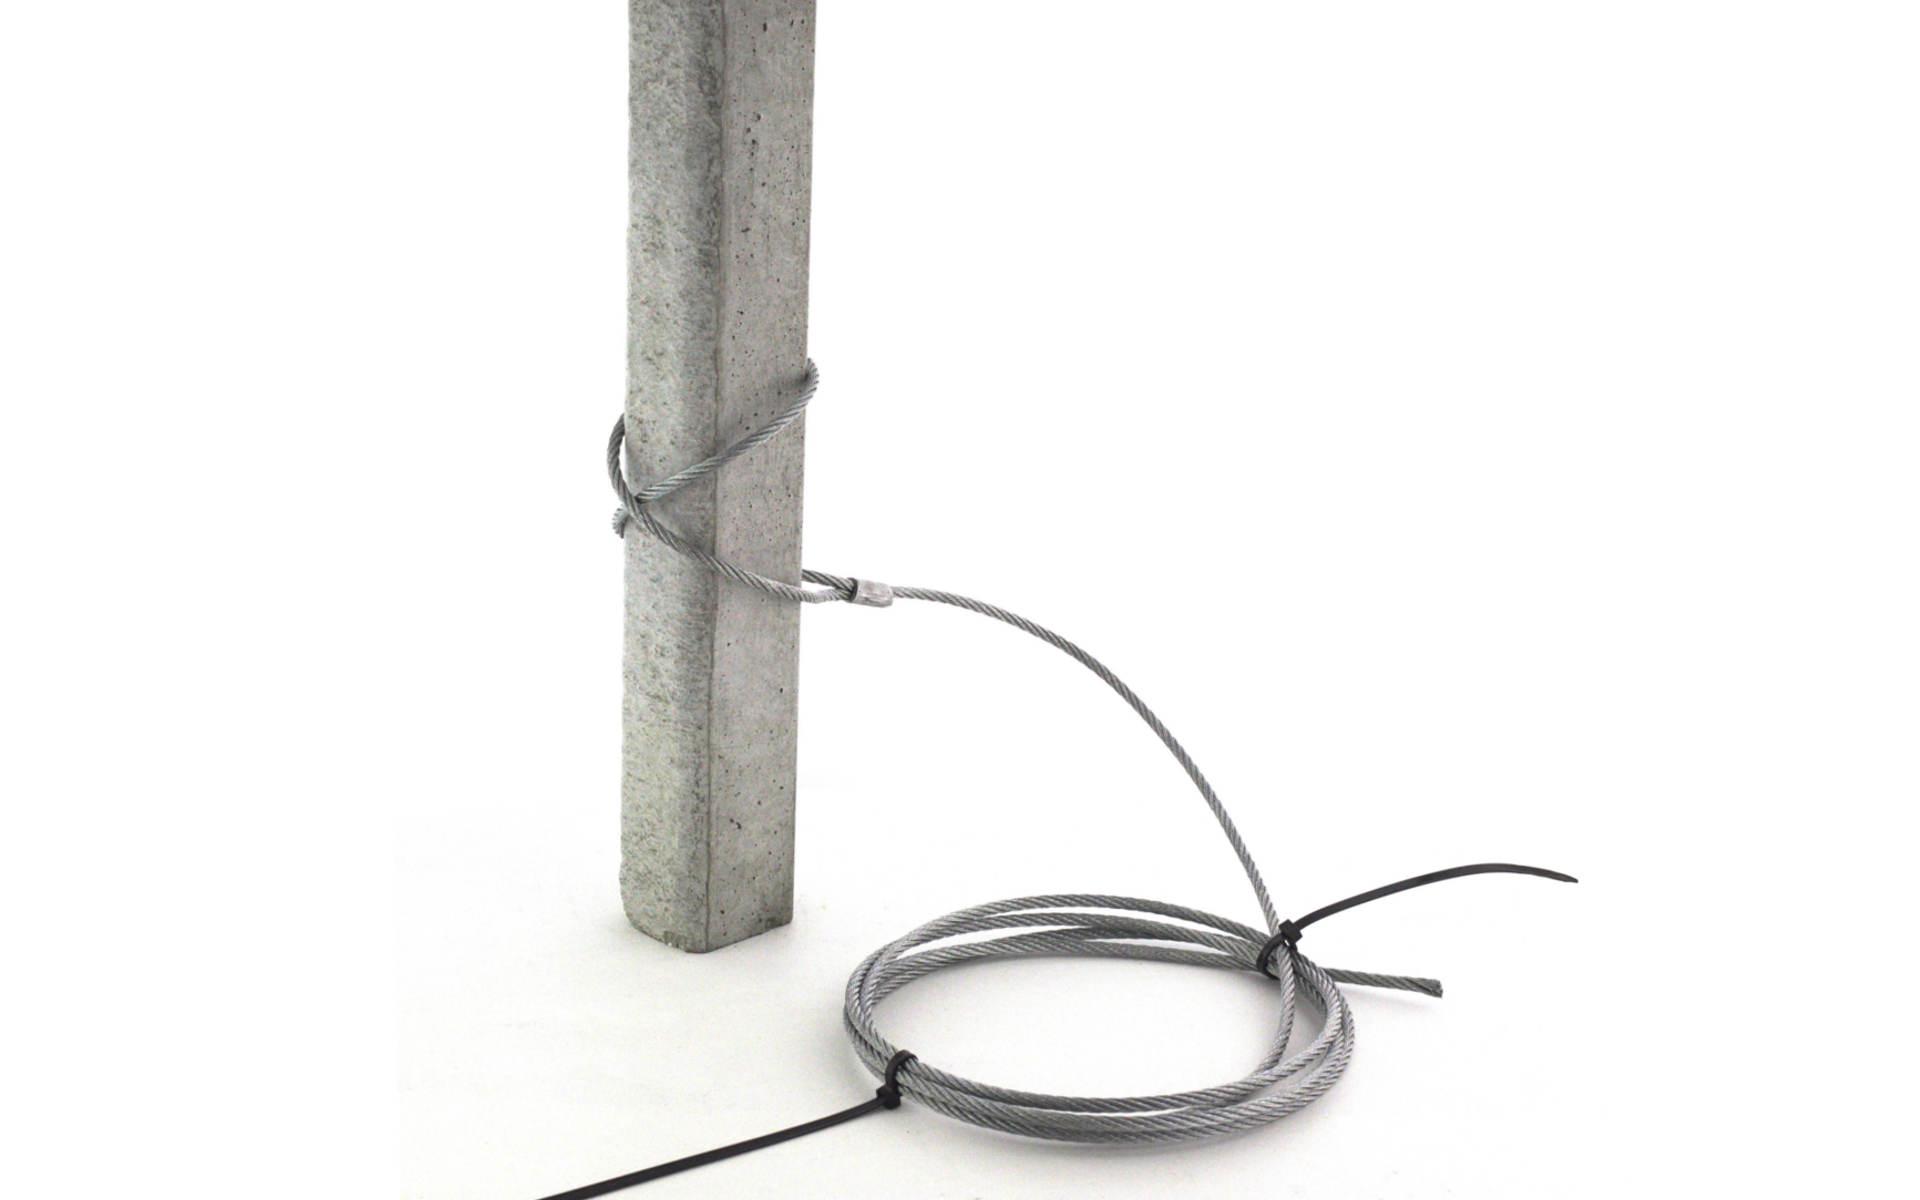 ankerseil 8 mm mit se standard l nge 5 0 m agrifix. Black Bedroom Furniture Sets. Home Design Ideas